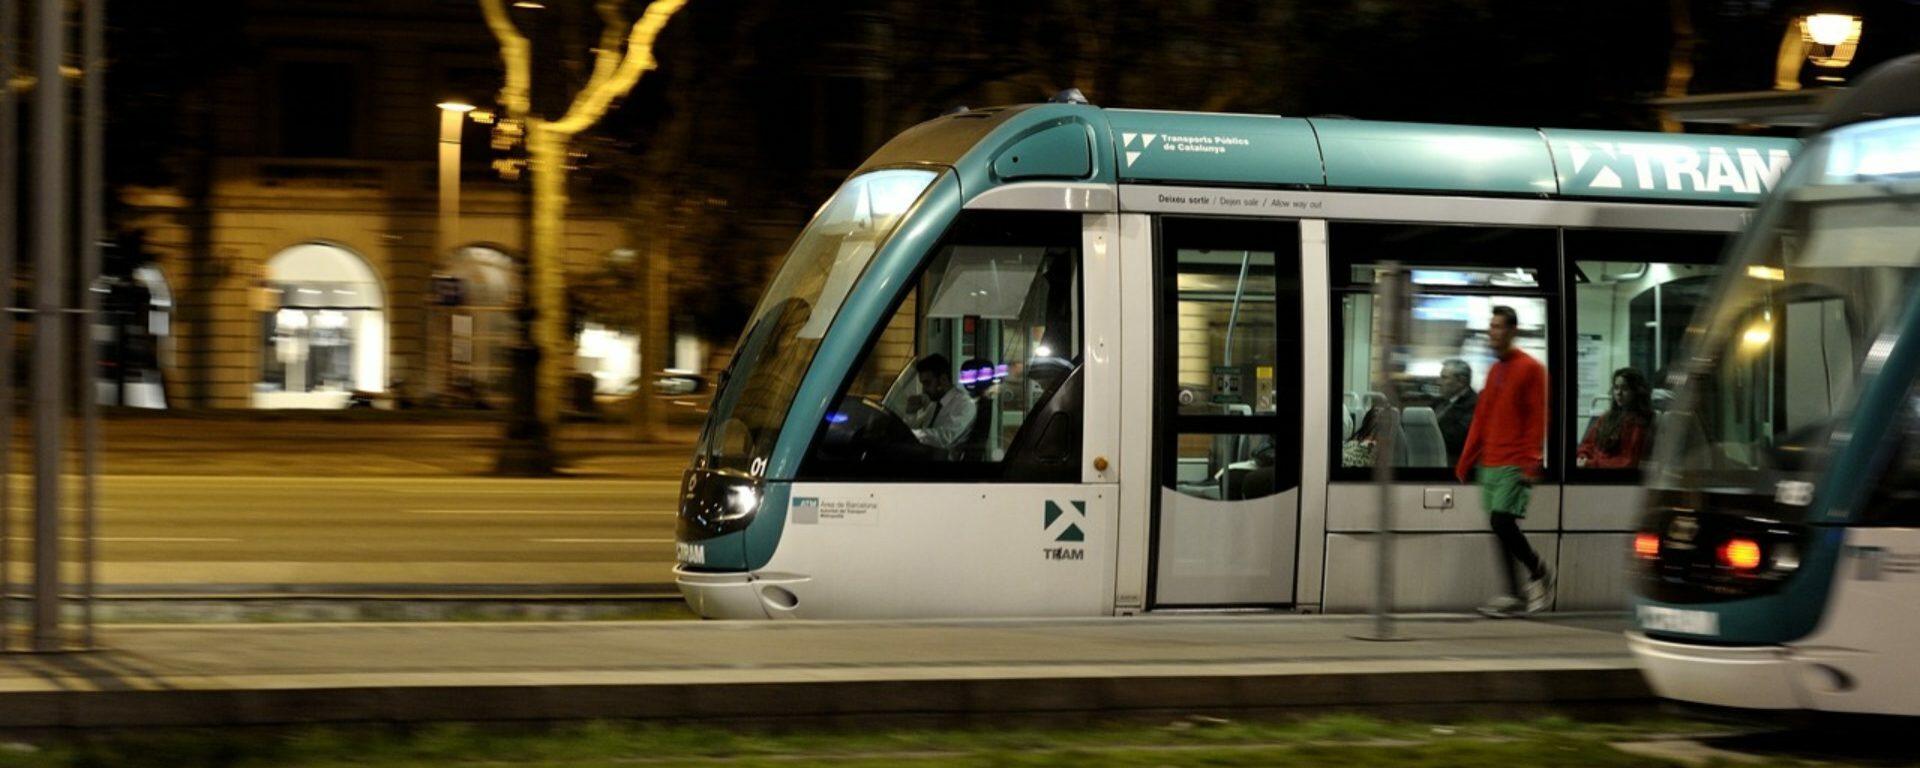 tram_barcelone-1920x768-1